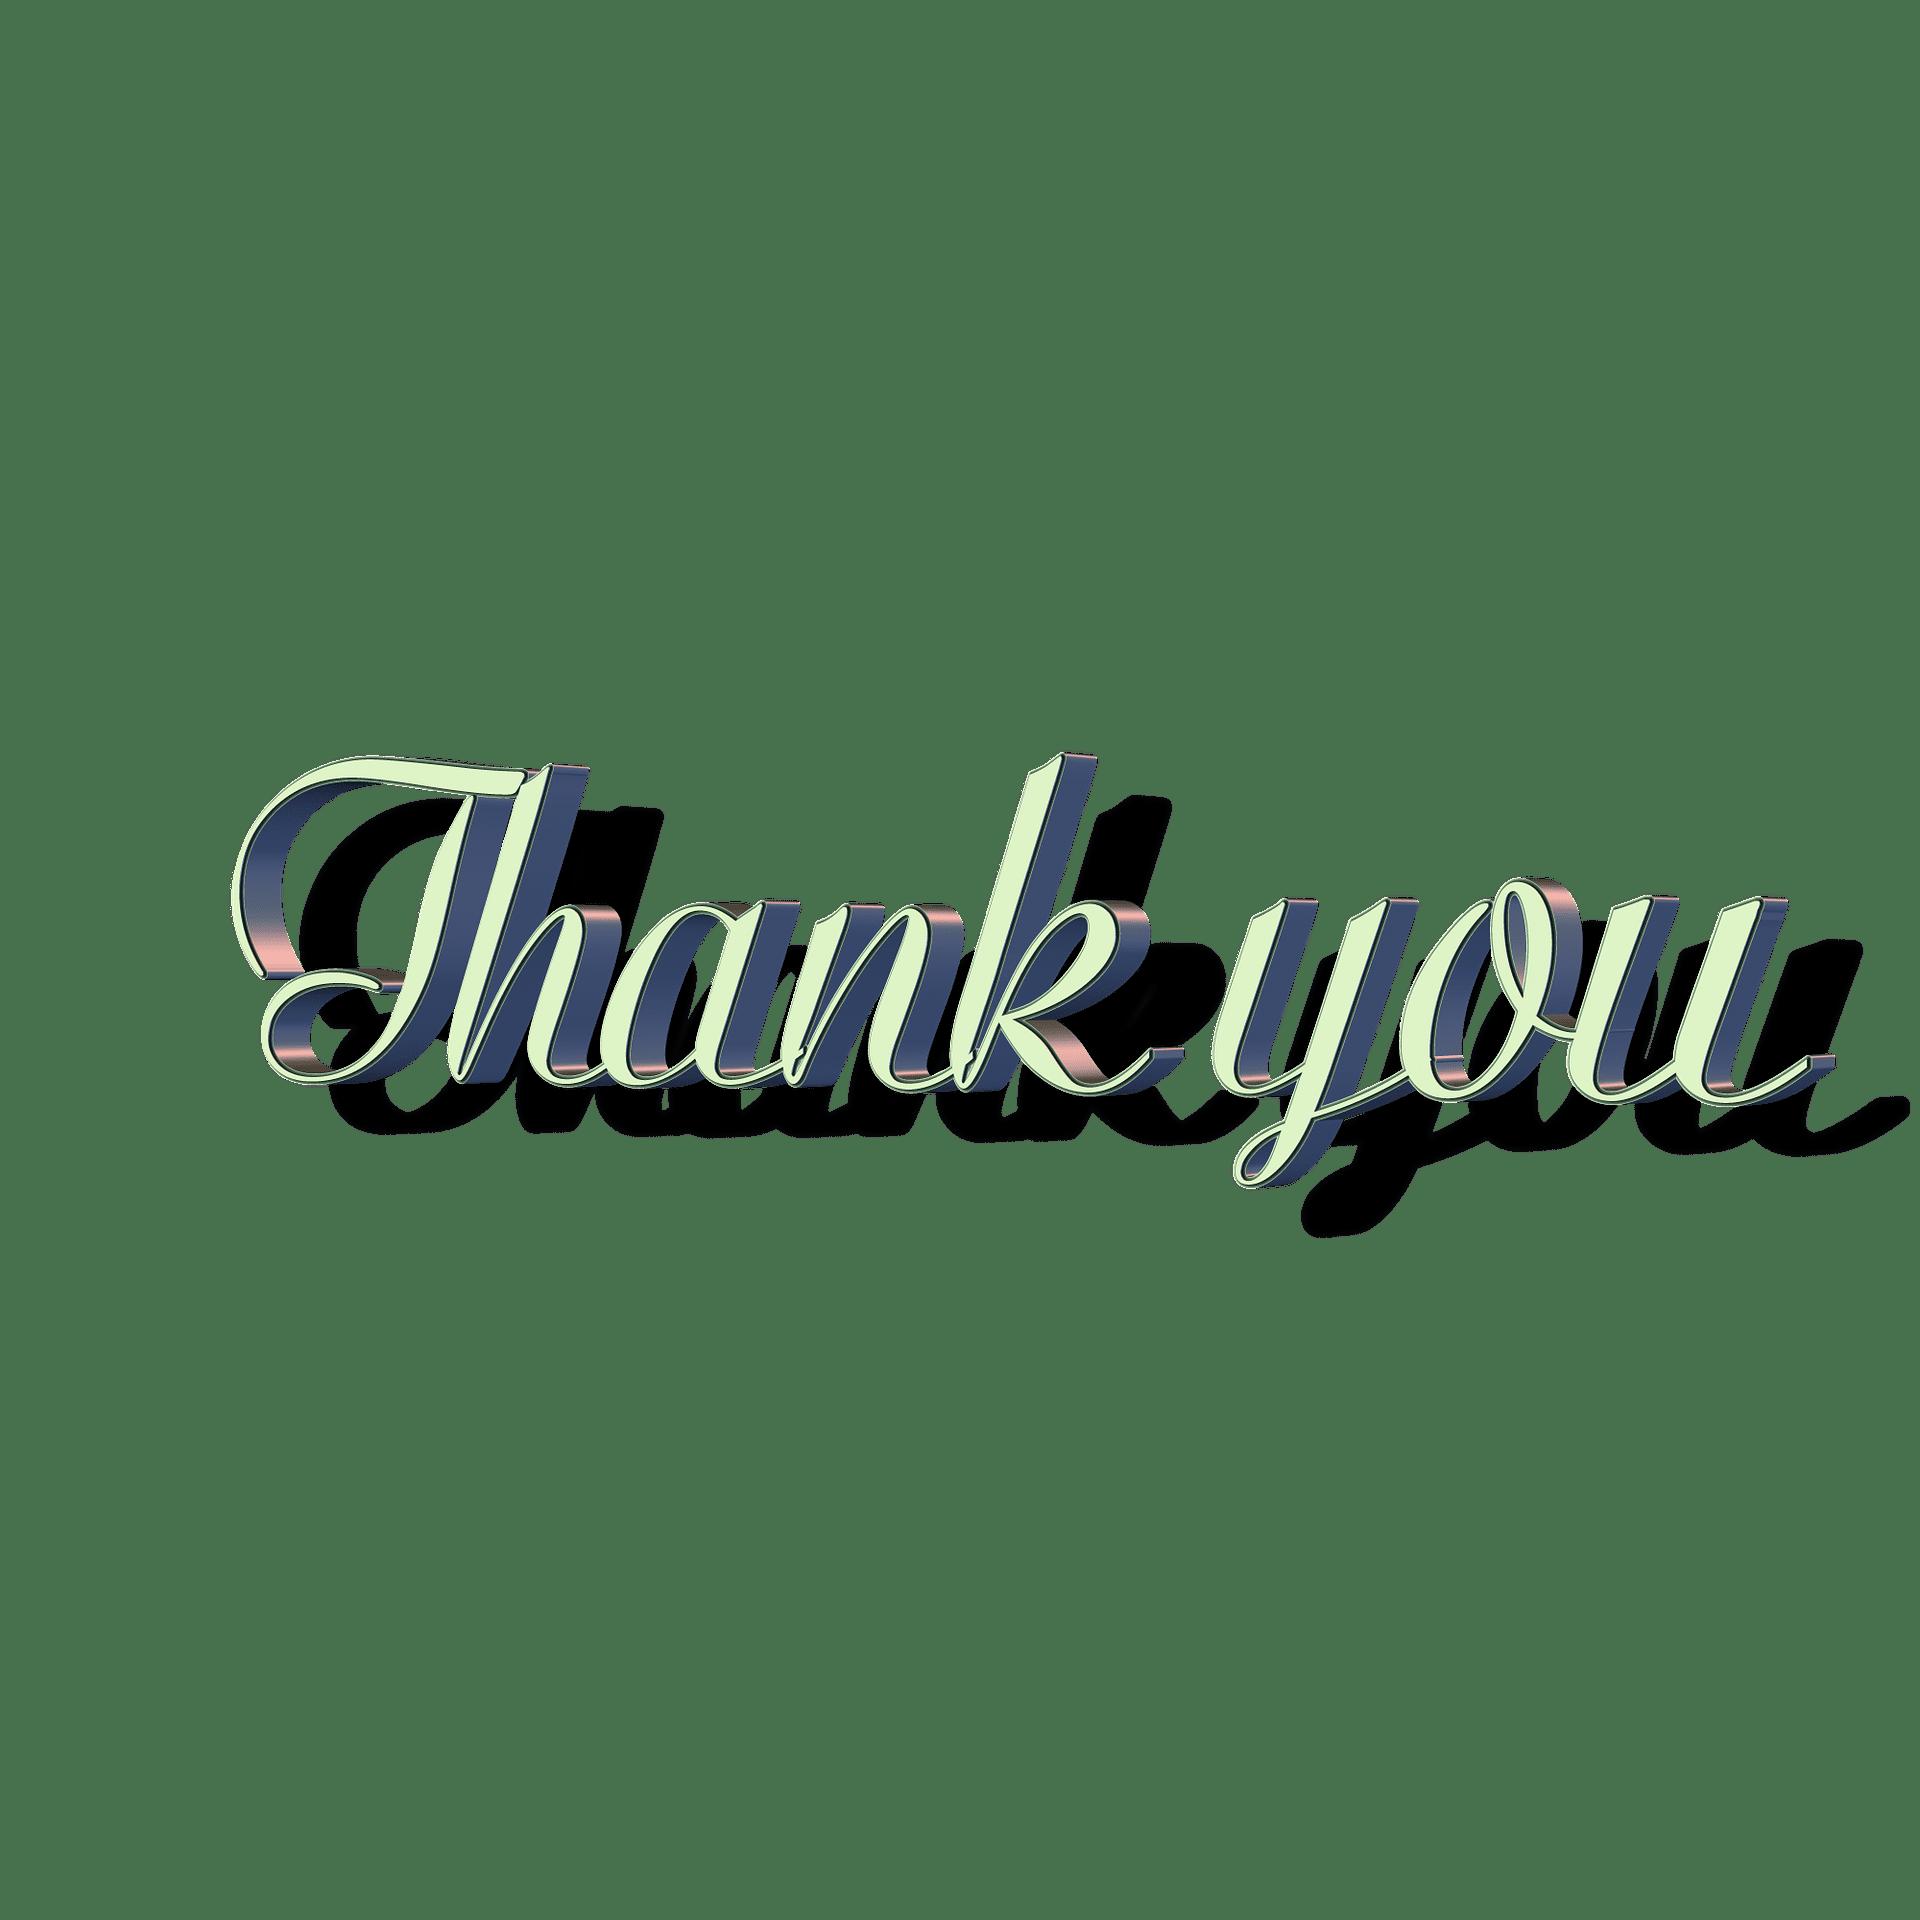 silver thankyou logo